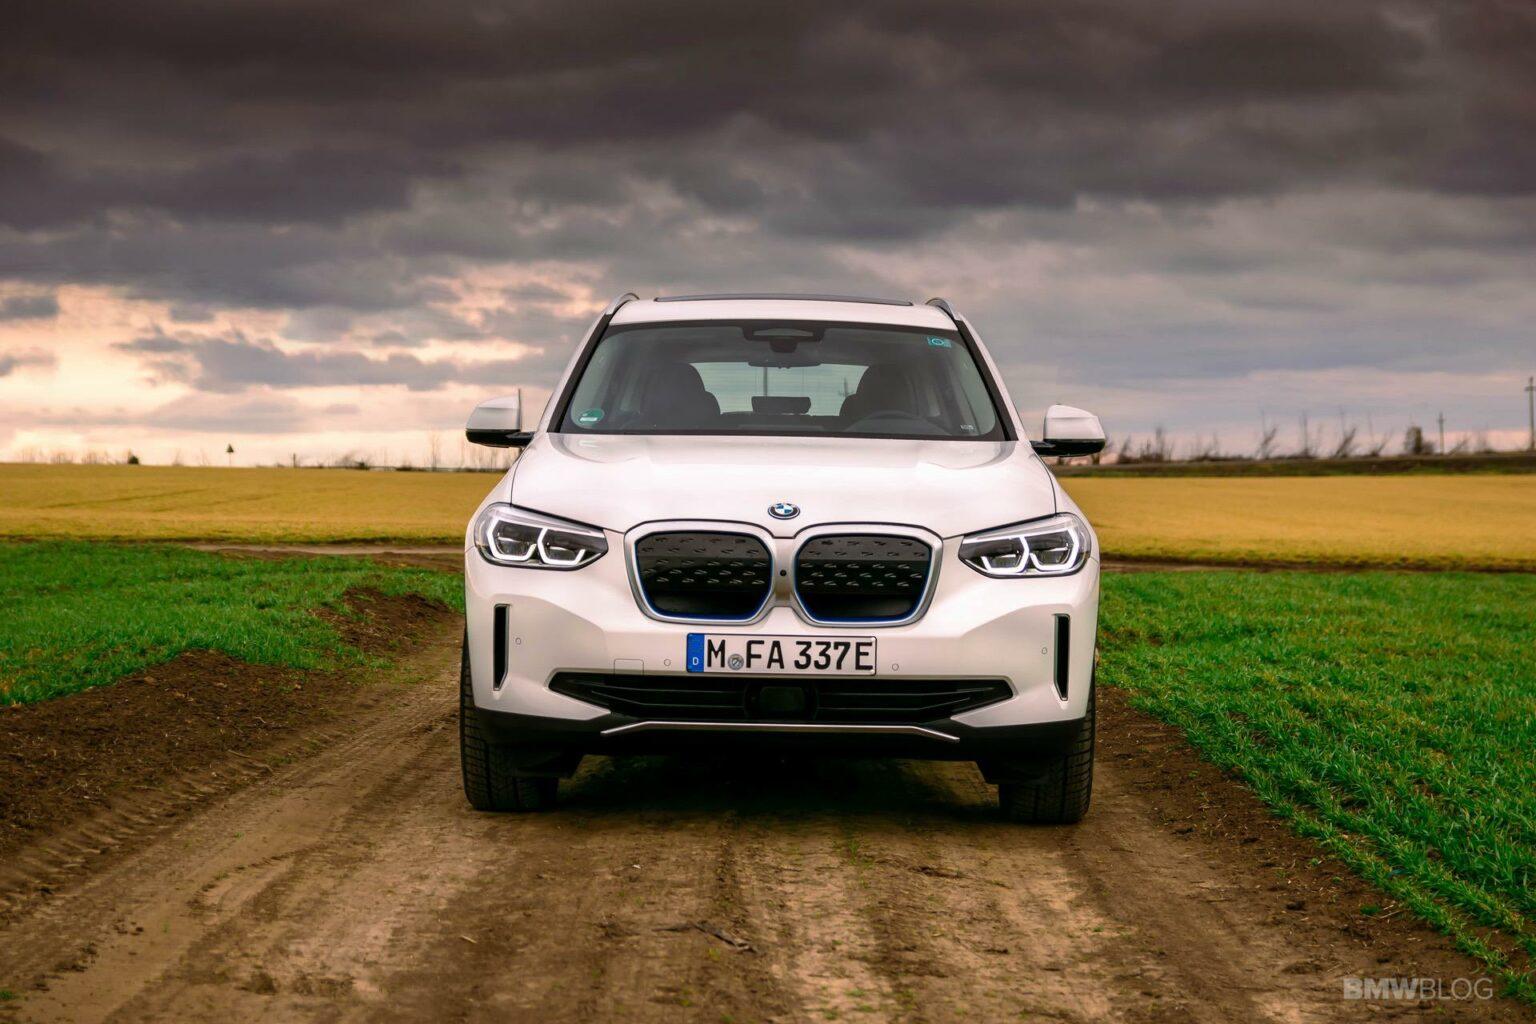 2021 bmw ix3 test Drive 46 1536x1024